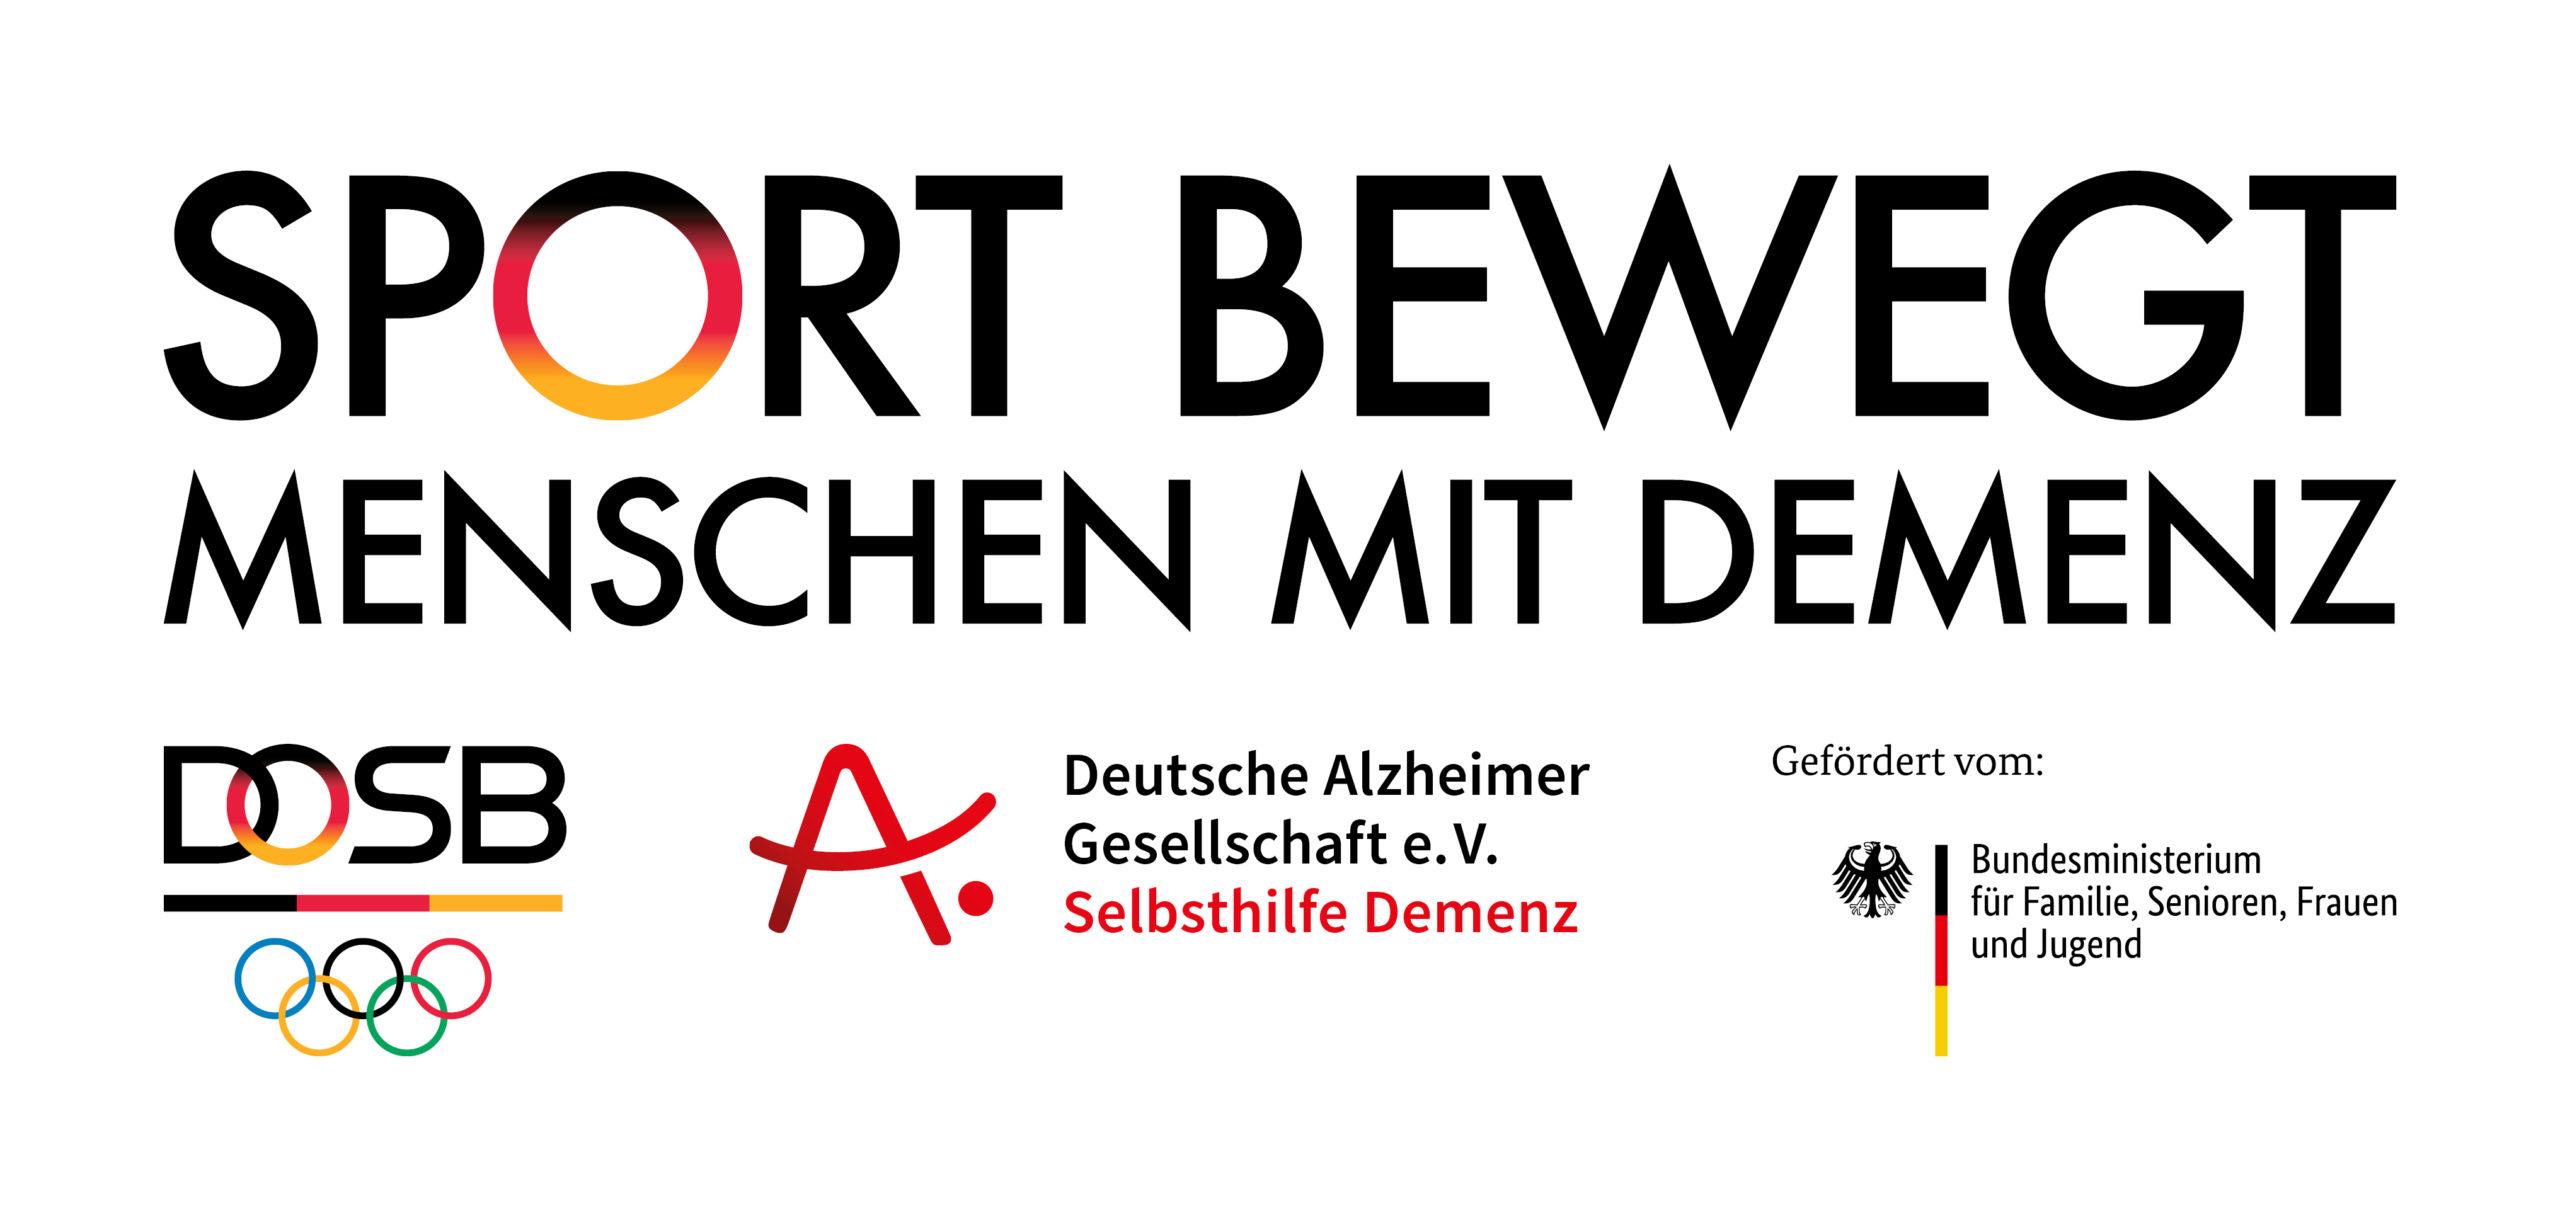 Projekt Sport bewegt Menschen mit Demenz in der Sportregion